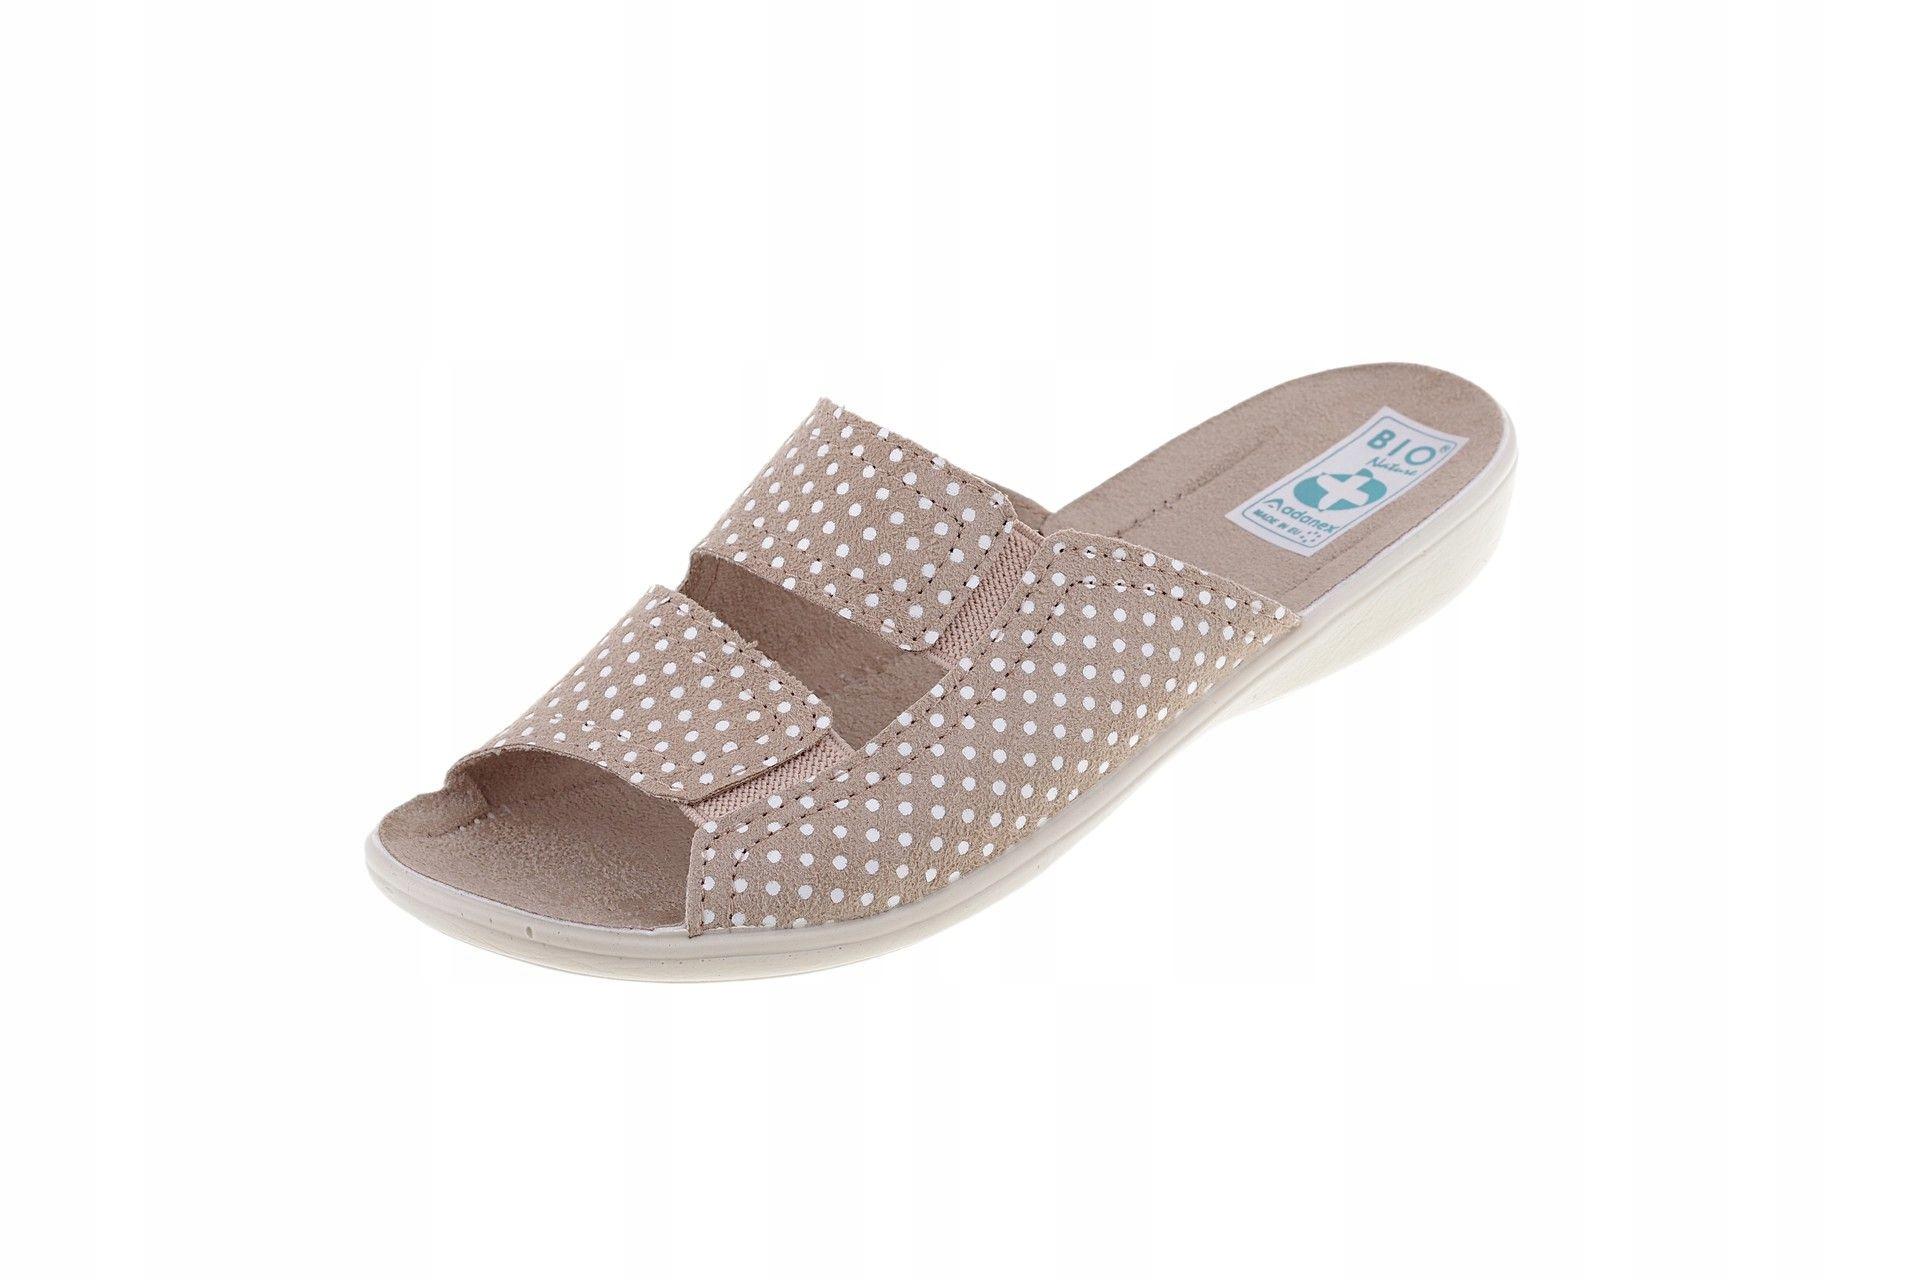 Klapki Adanex 22862 pantofle z gumką kapcie r. 36